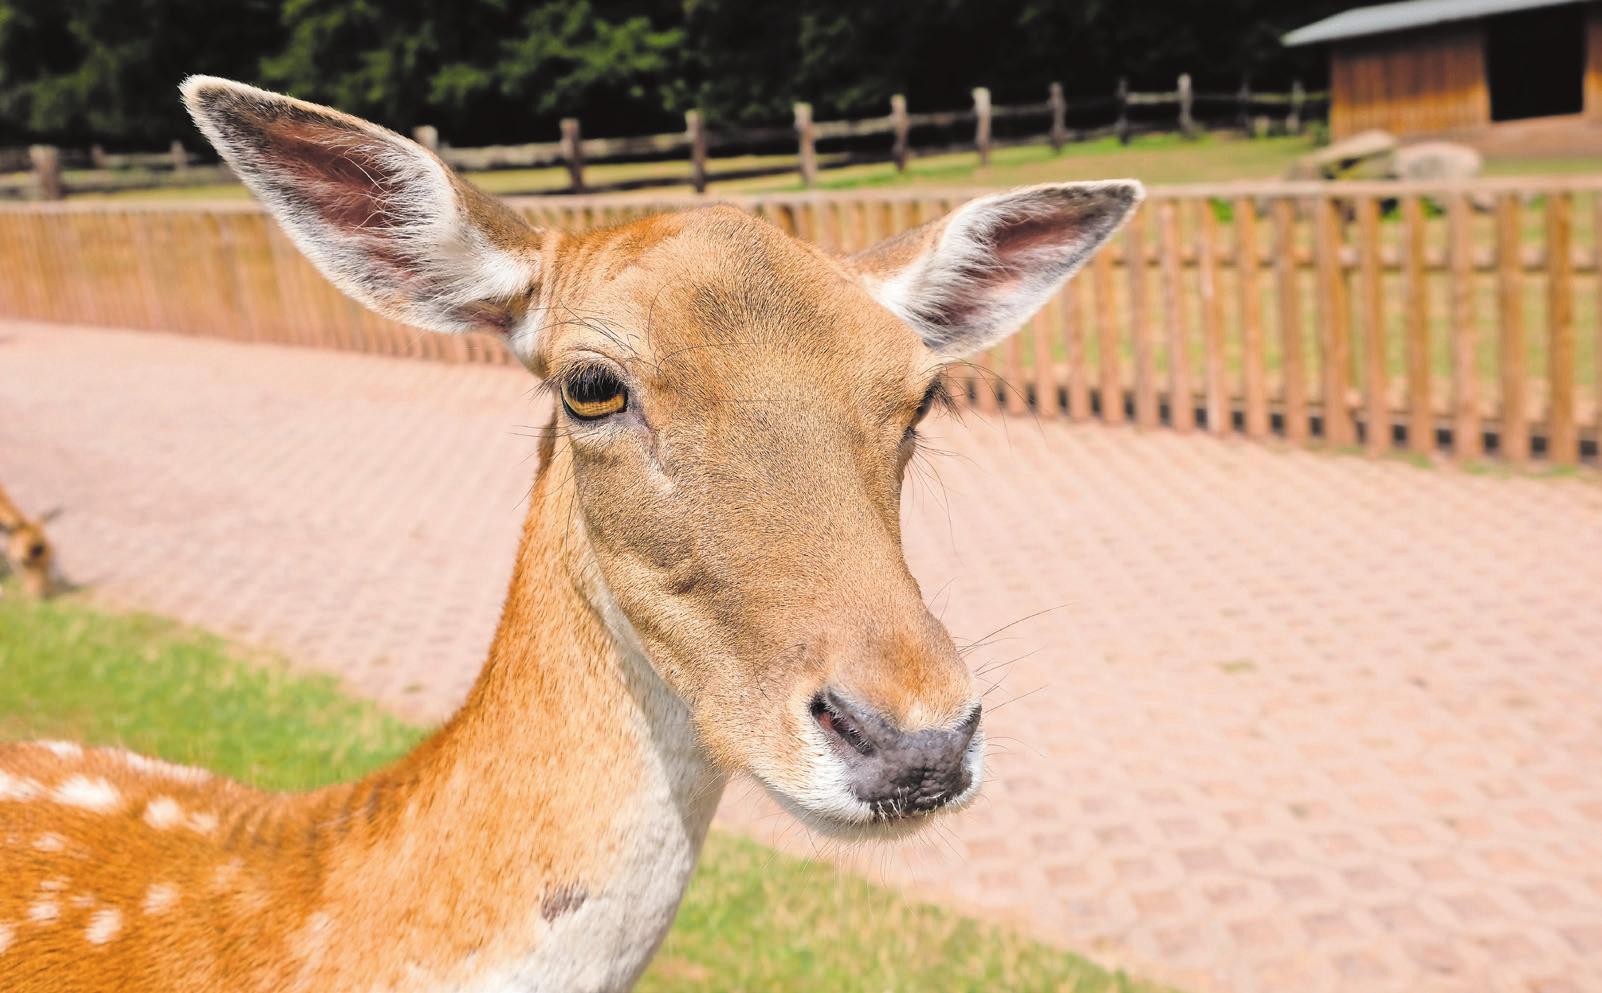 Tiere sind überall anzutreffen im Park: Ziegen, Kaninchen, Rot- und Damwild, Uhus, Wölfe, Wildschweine und Mufflons. Fotos: tkn